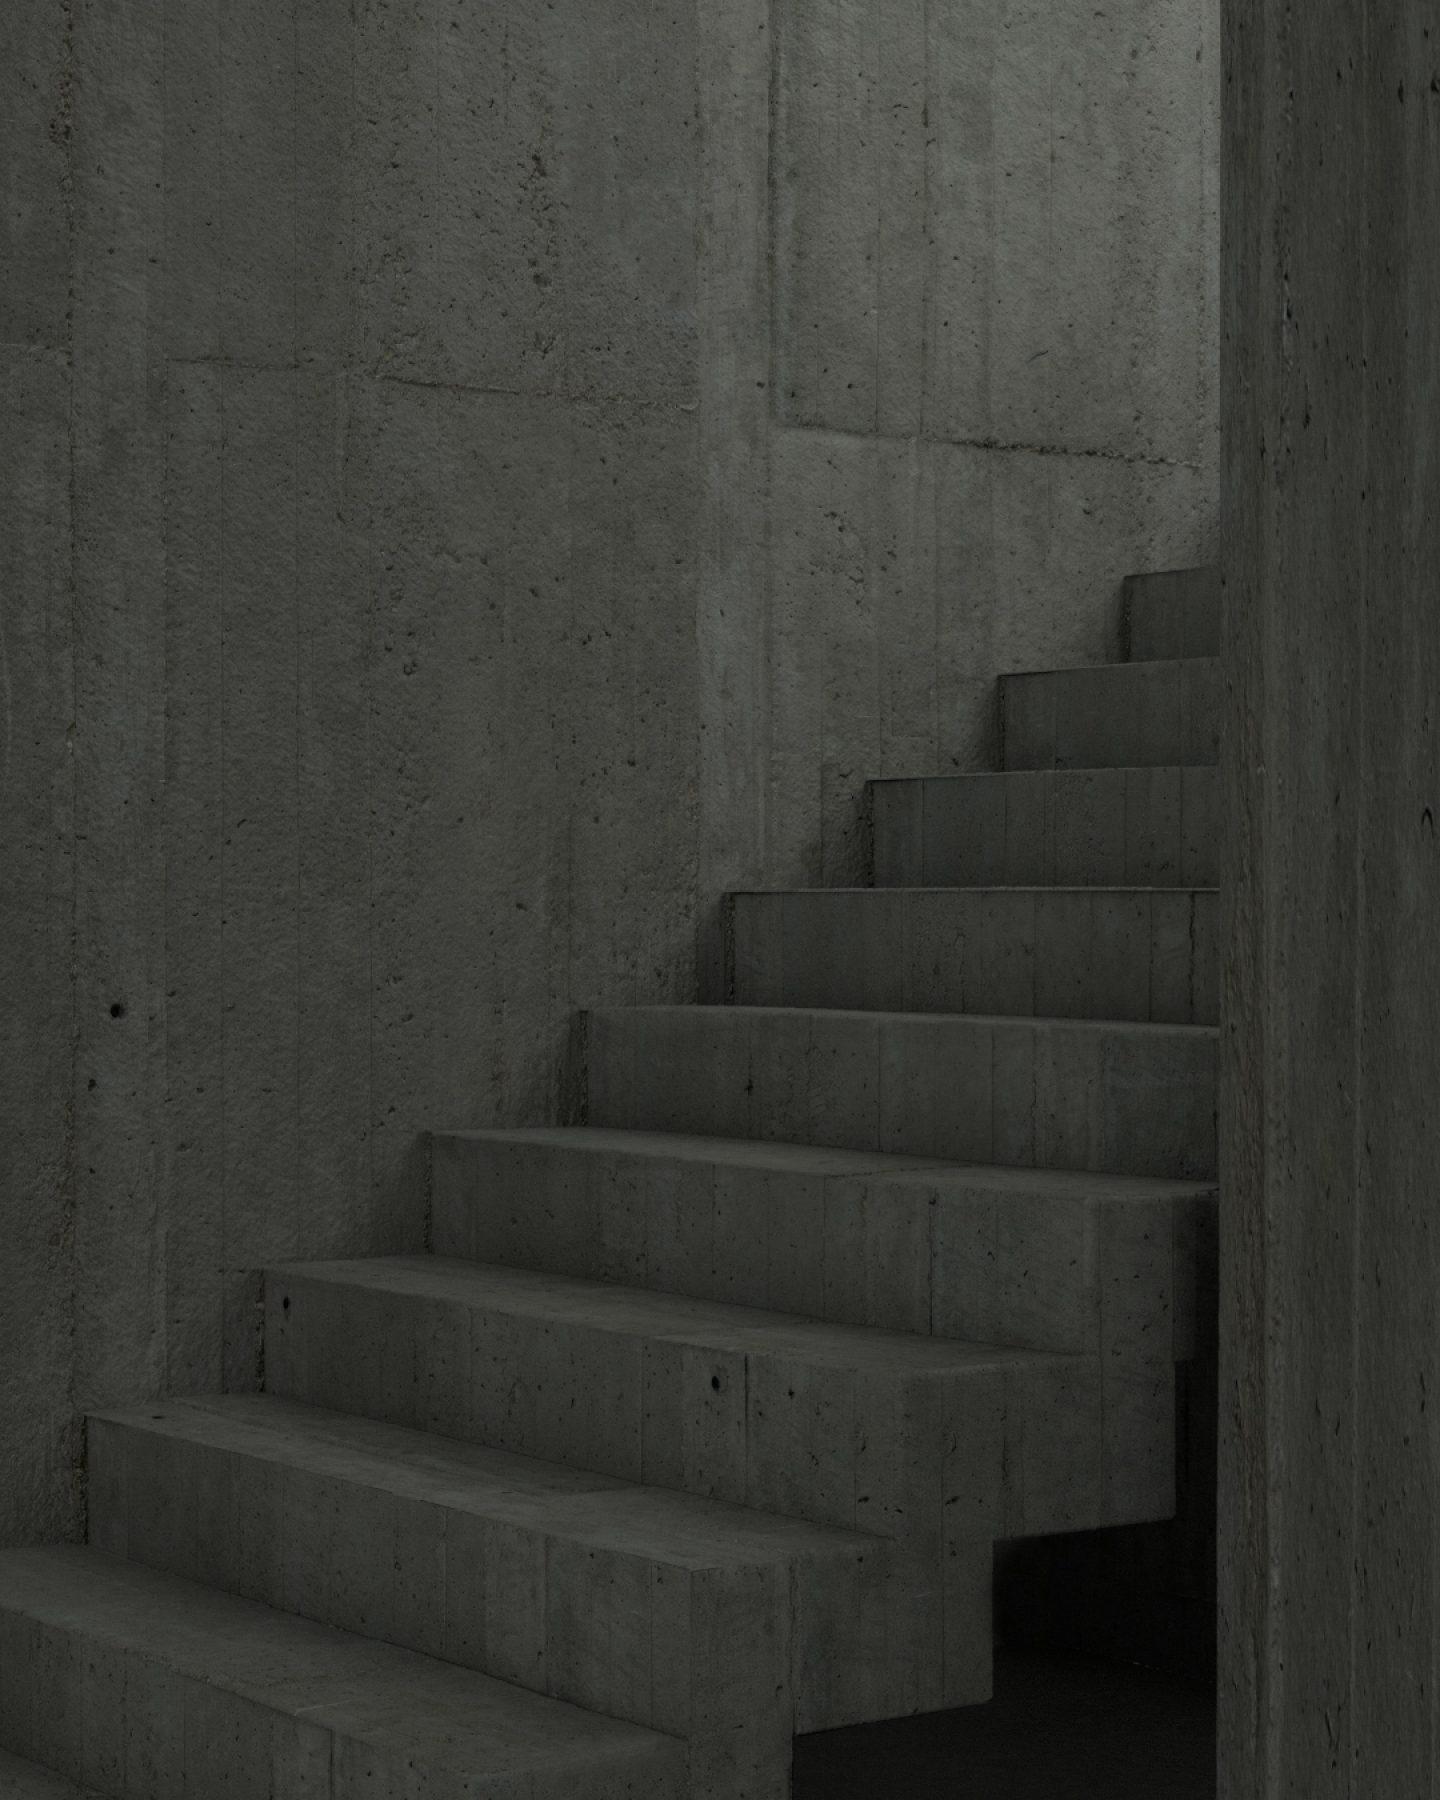 Vaust-02-Detail